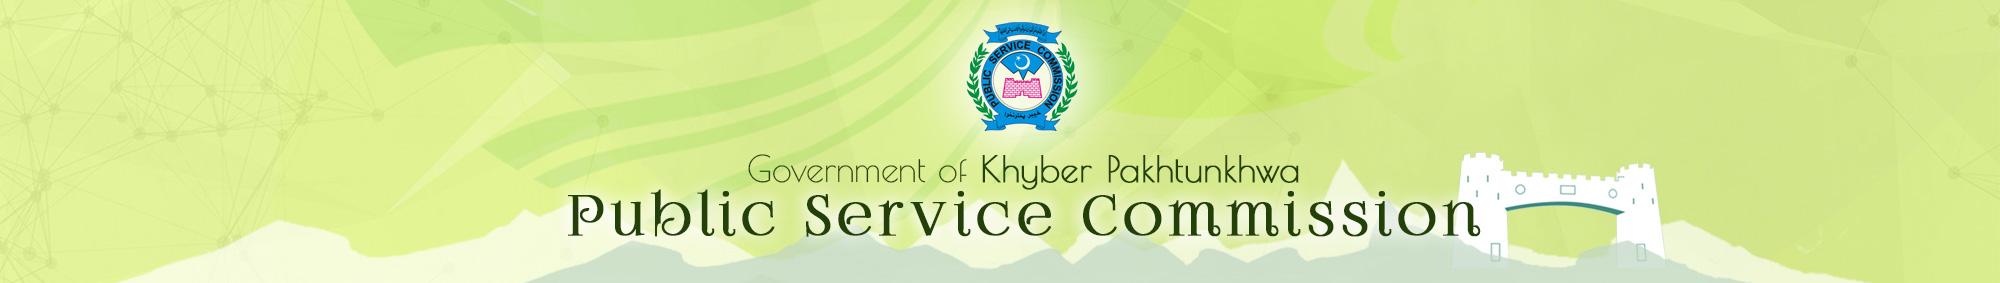 KPPSC Assistant Director Surveillance Merit List 2020